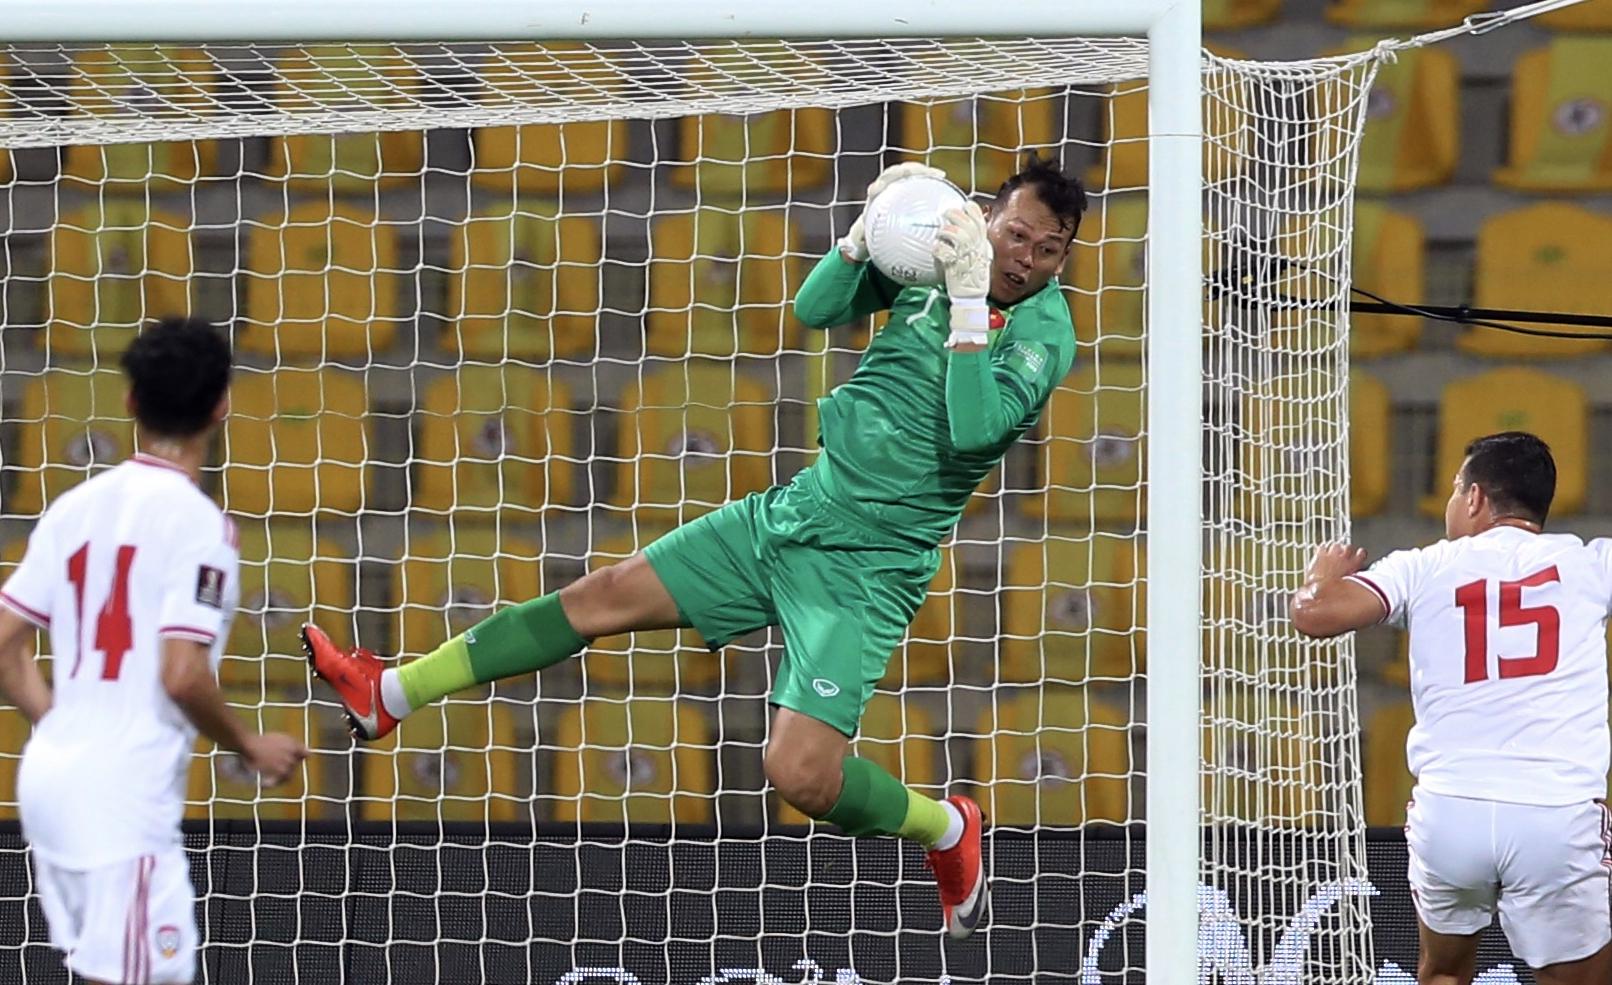 Thủ môn Bùi Tấn Trường chiếm suất bắt chính của tuyển Việt Nam ở ba trận vòng loại World Cup tại UAE. Ảnh: Lâm Thoả.